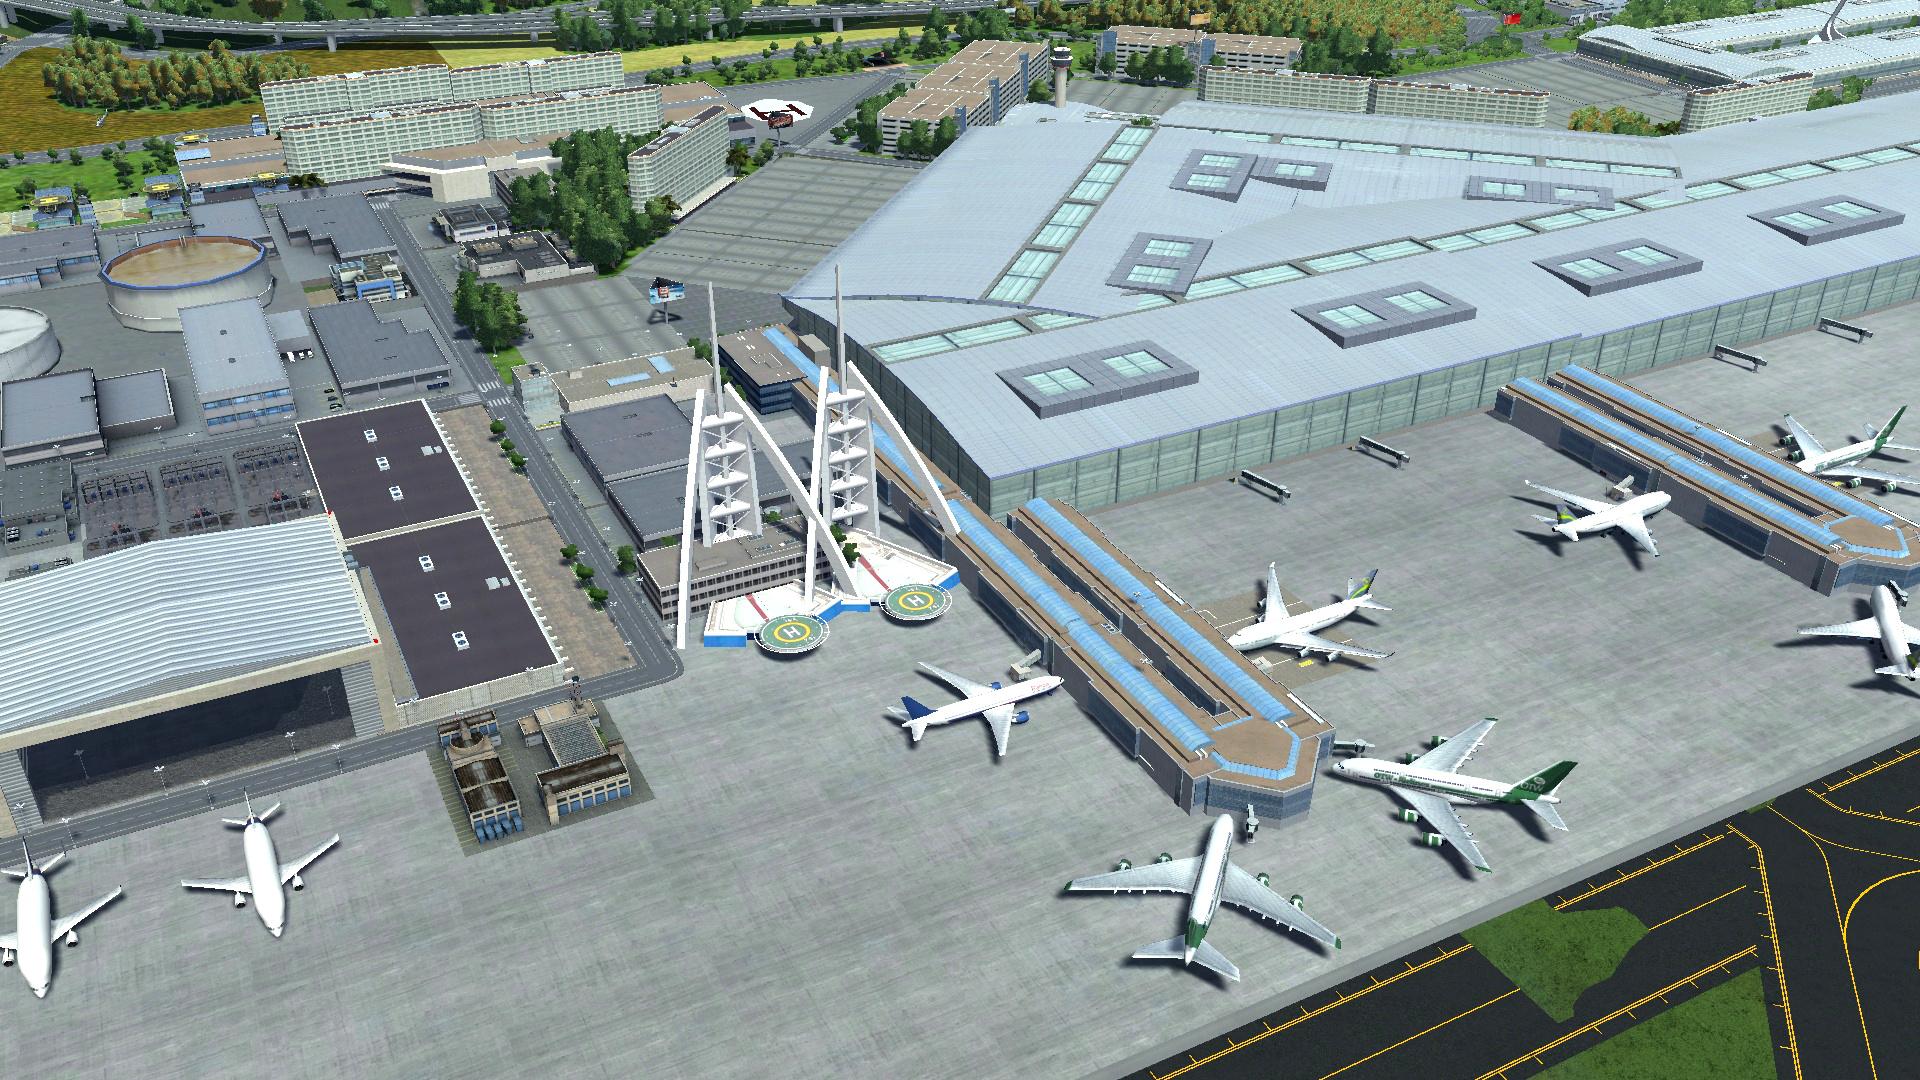 cxl_screenshot_de cleerk_Airport_2.jpg